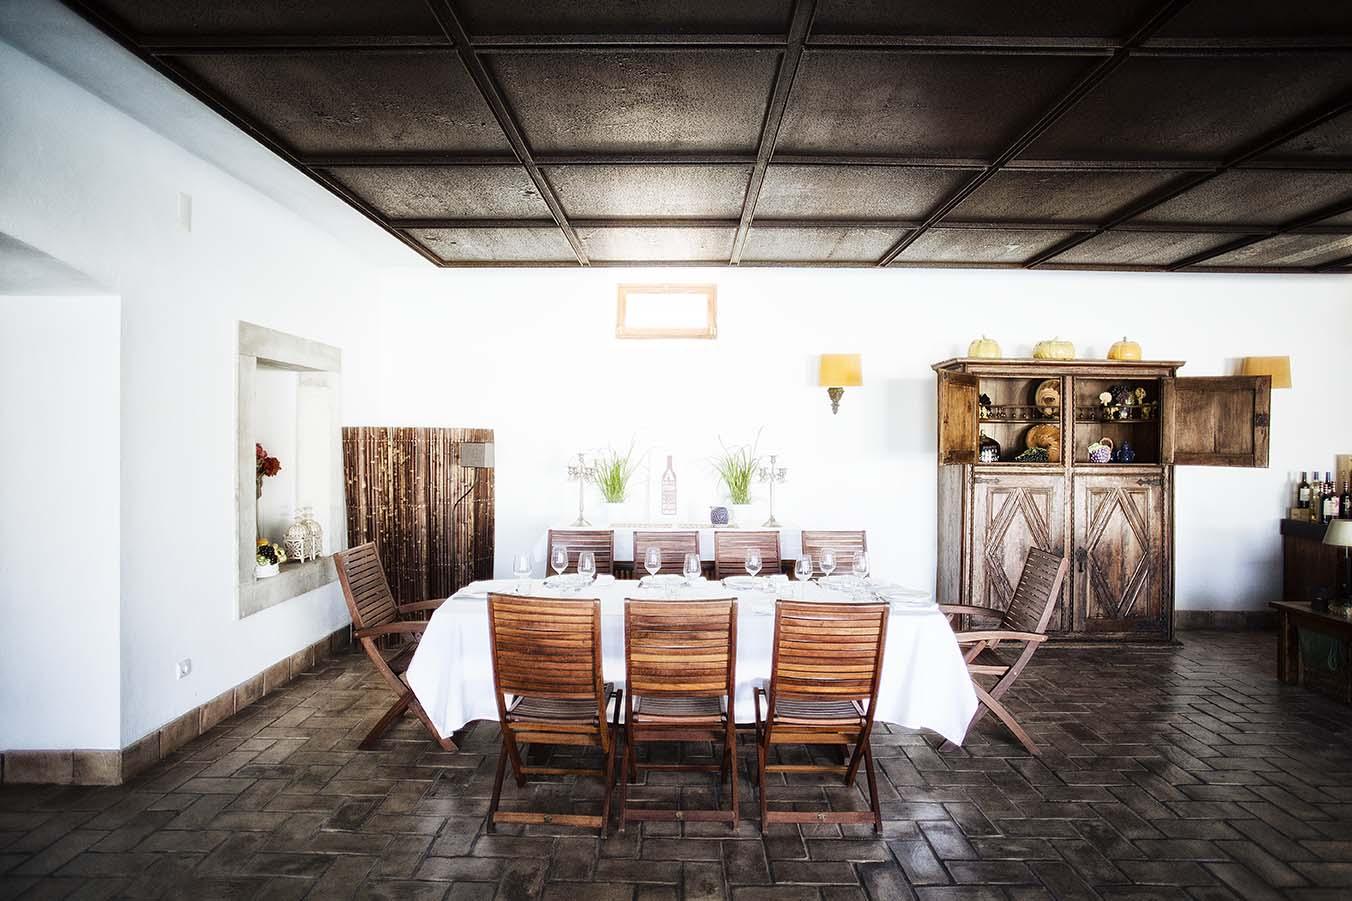 Quinta da Chocapalha - Visita, Prova & Almoço